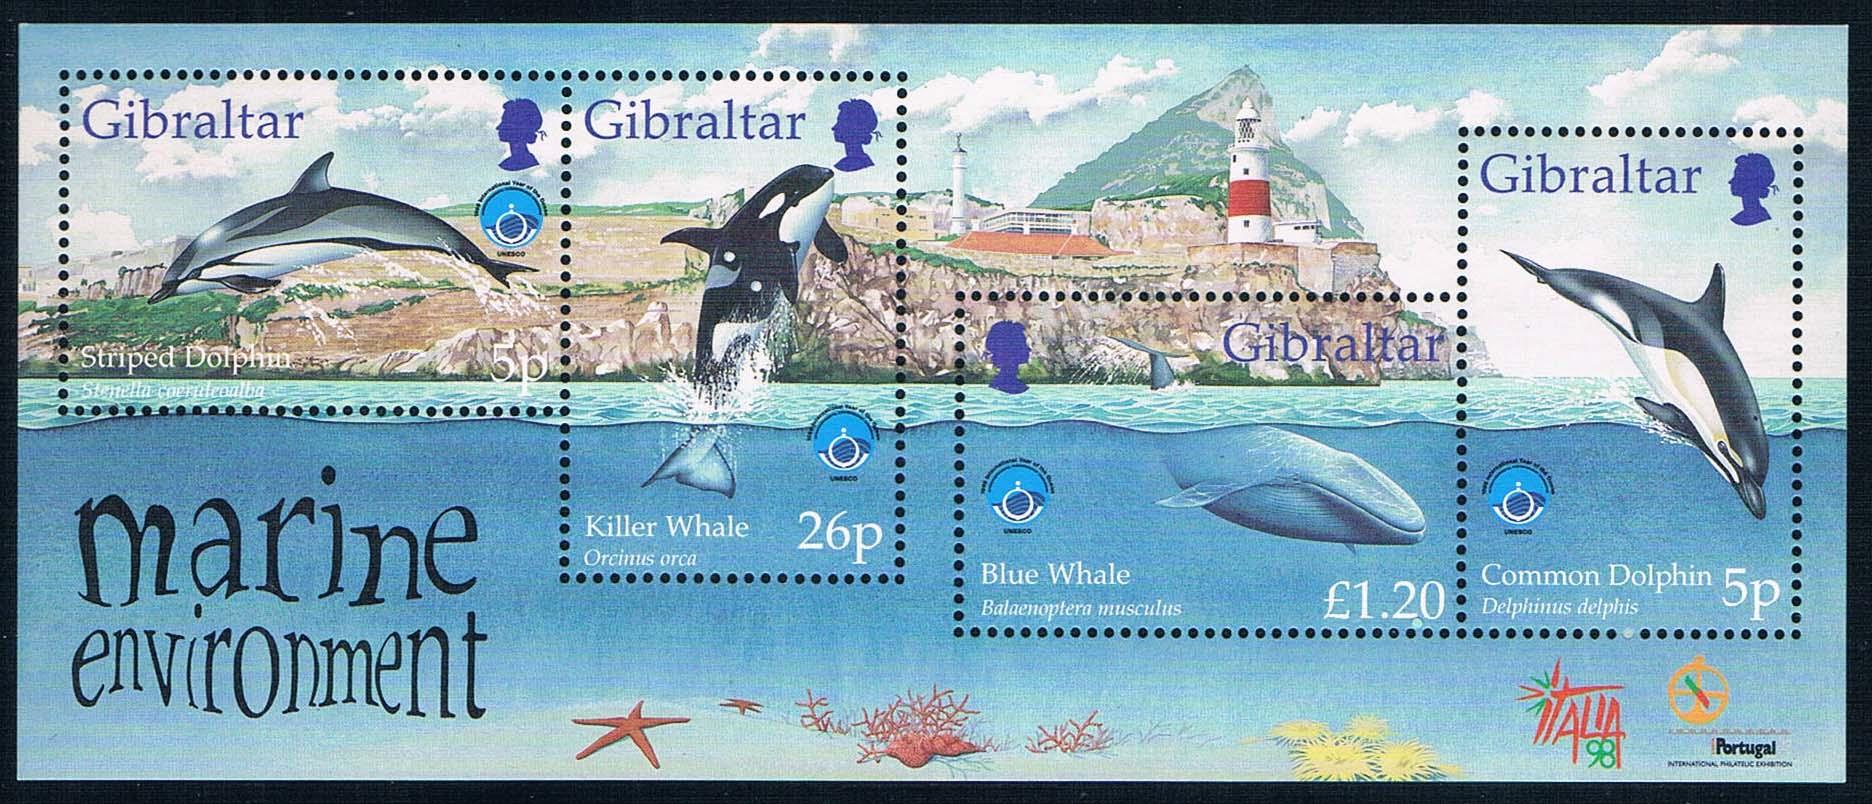 直布罗陀1998国际海洋年动物海豚全新外国邮票(大图展示)